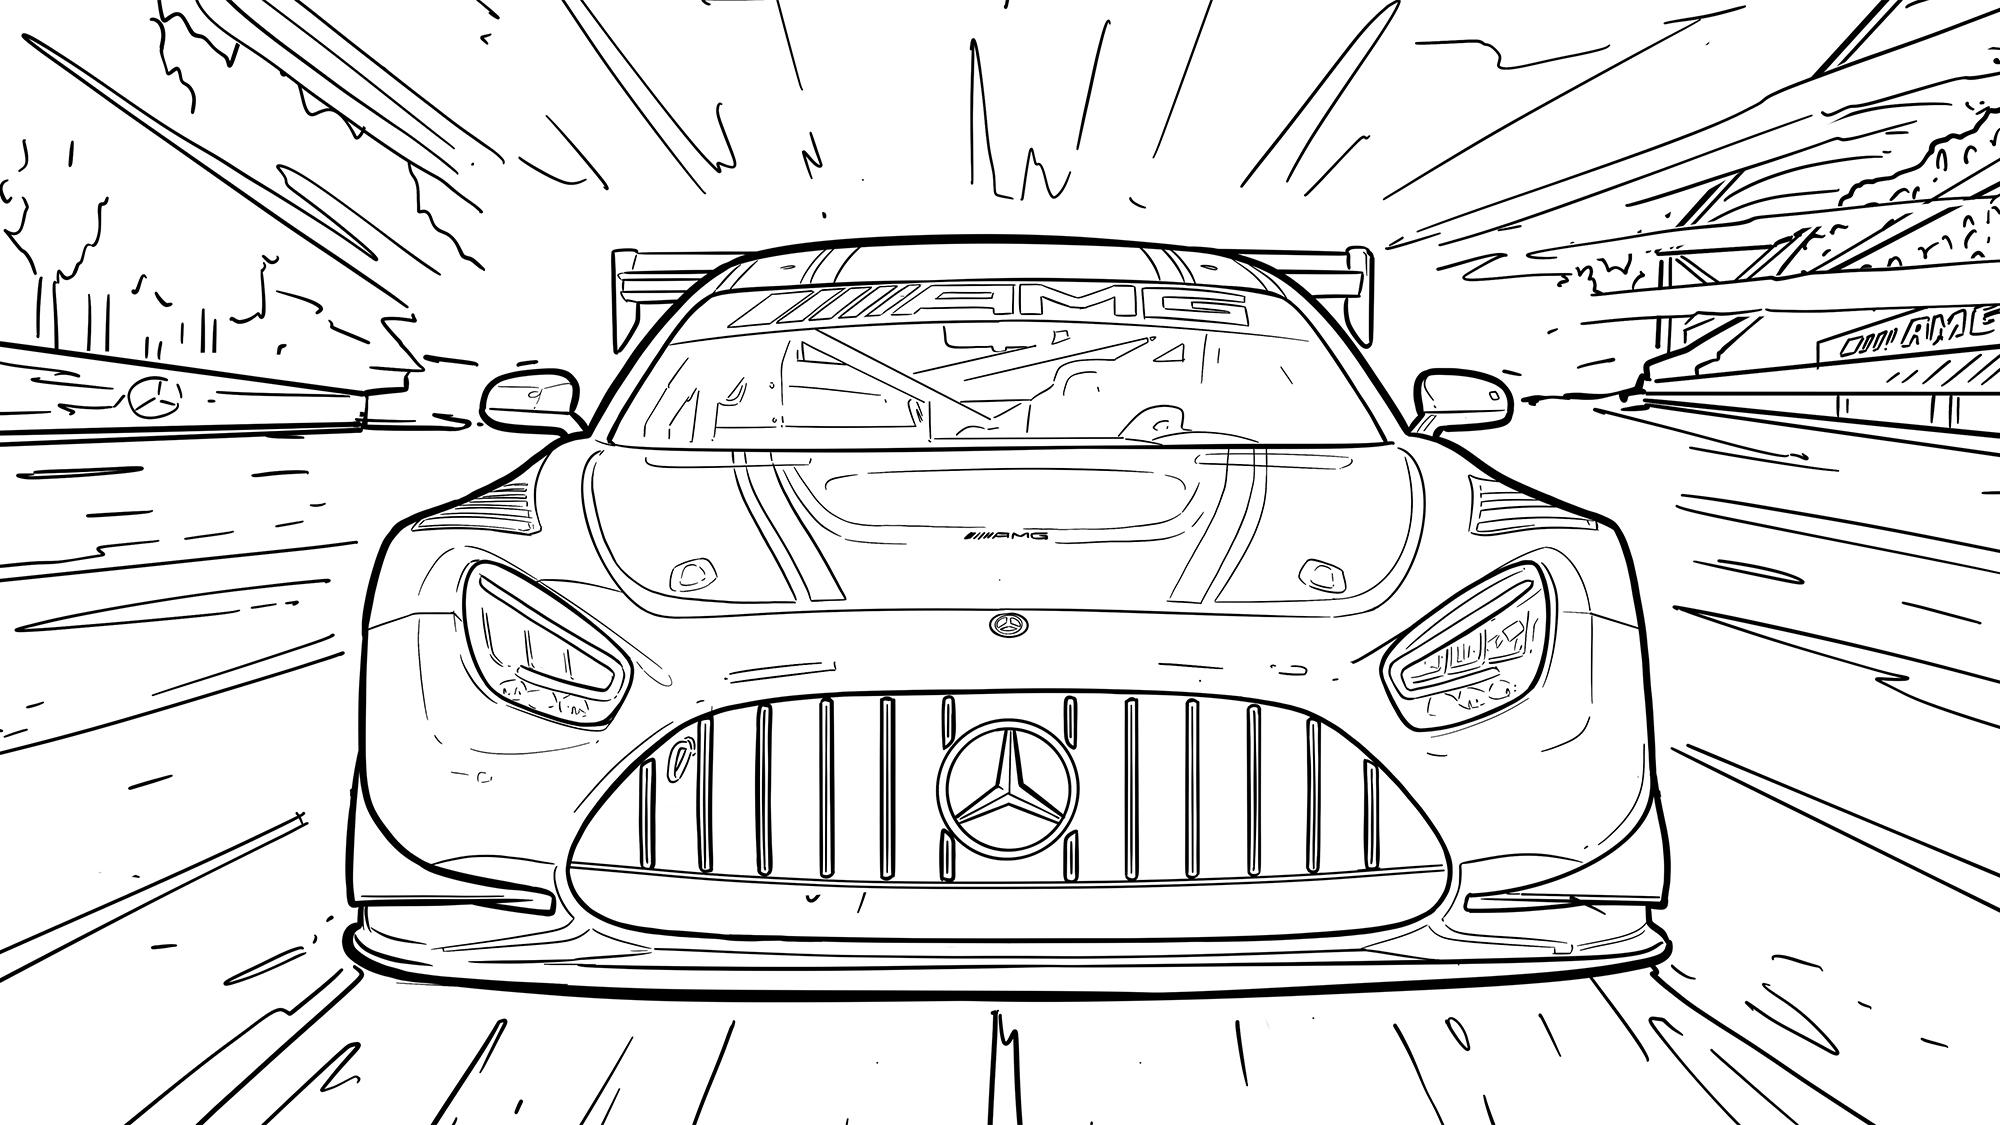 Corona-Zeitvertreib: Coole Ausmalbilder Von Heißen Autos mit Ausmalbilder Von Autos